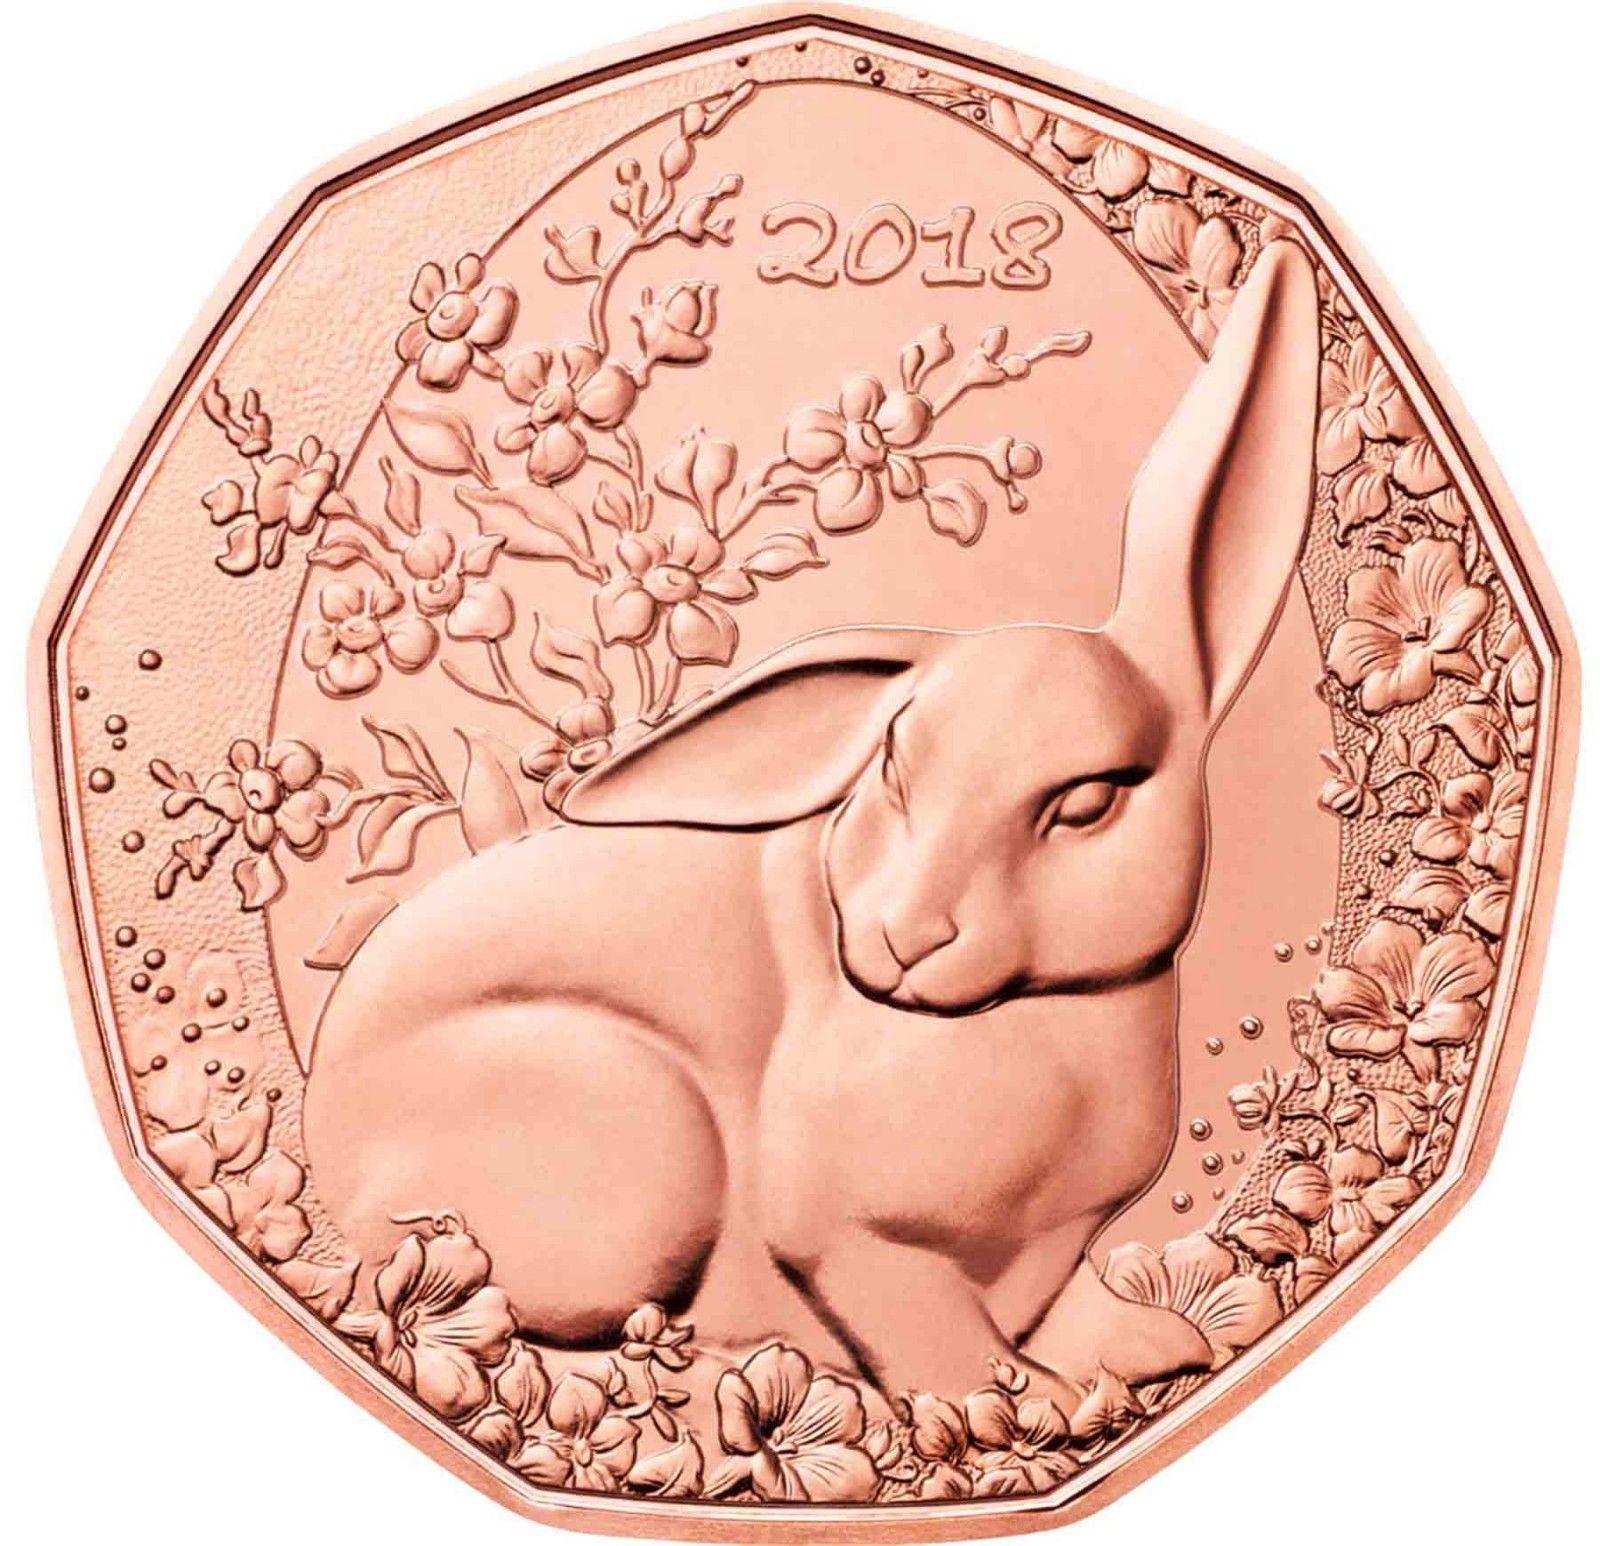 Австрия 5 евро 2018 г. Пасхальный кролик